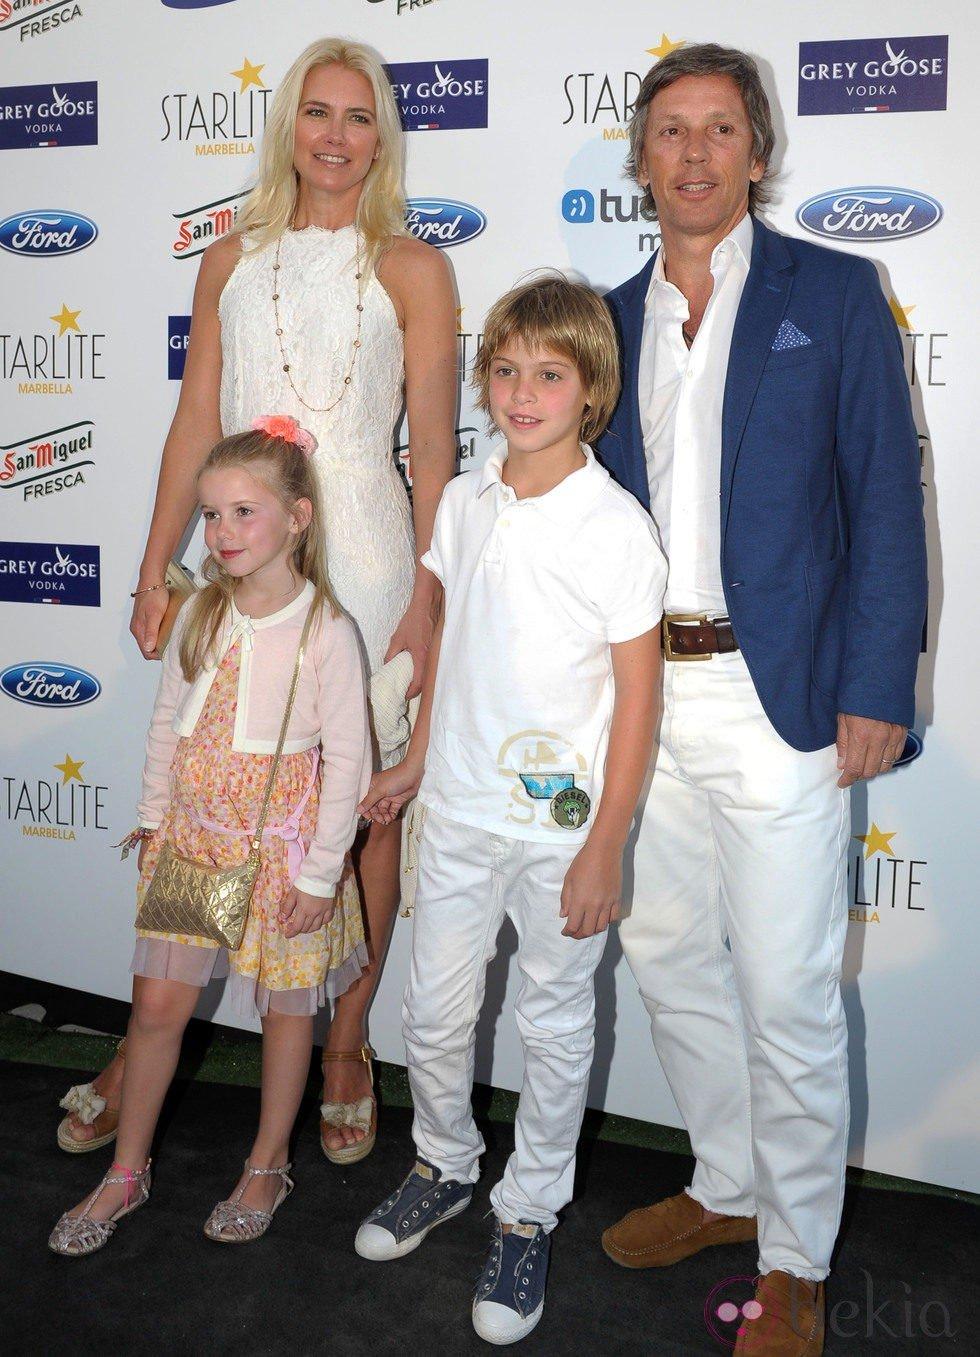 Valeria Mazza y Alejandro Gravier con sus hijos en el concierto de Julio Iglesias en Marbella